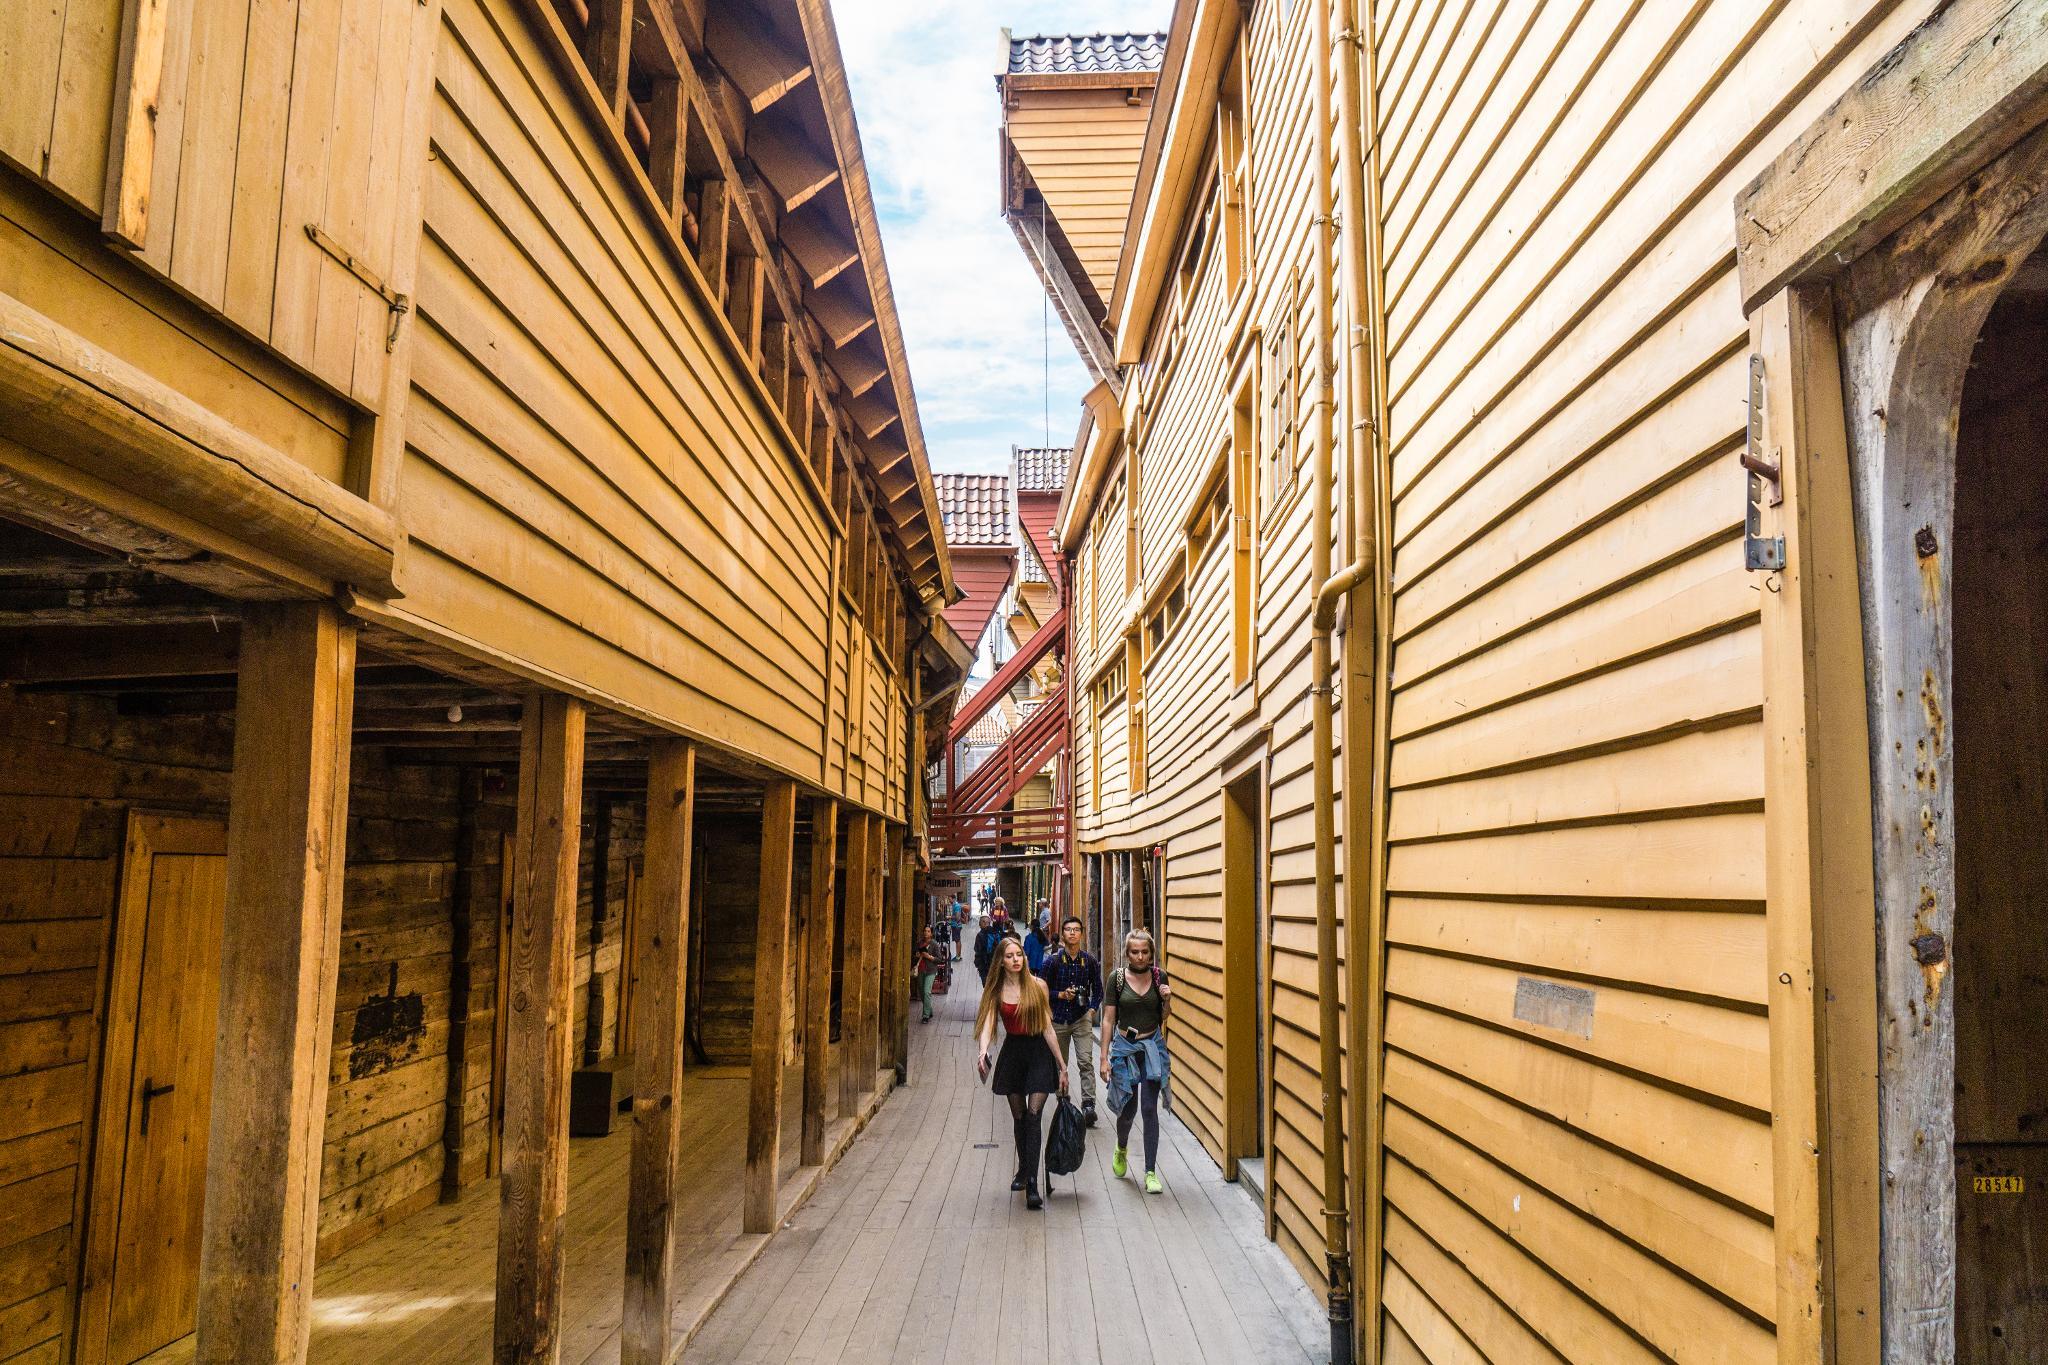 【卑爾根】Bryggen 世界遺產布呂根 — 迷失在百年歷史的挪威彩色木屋 18